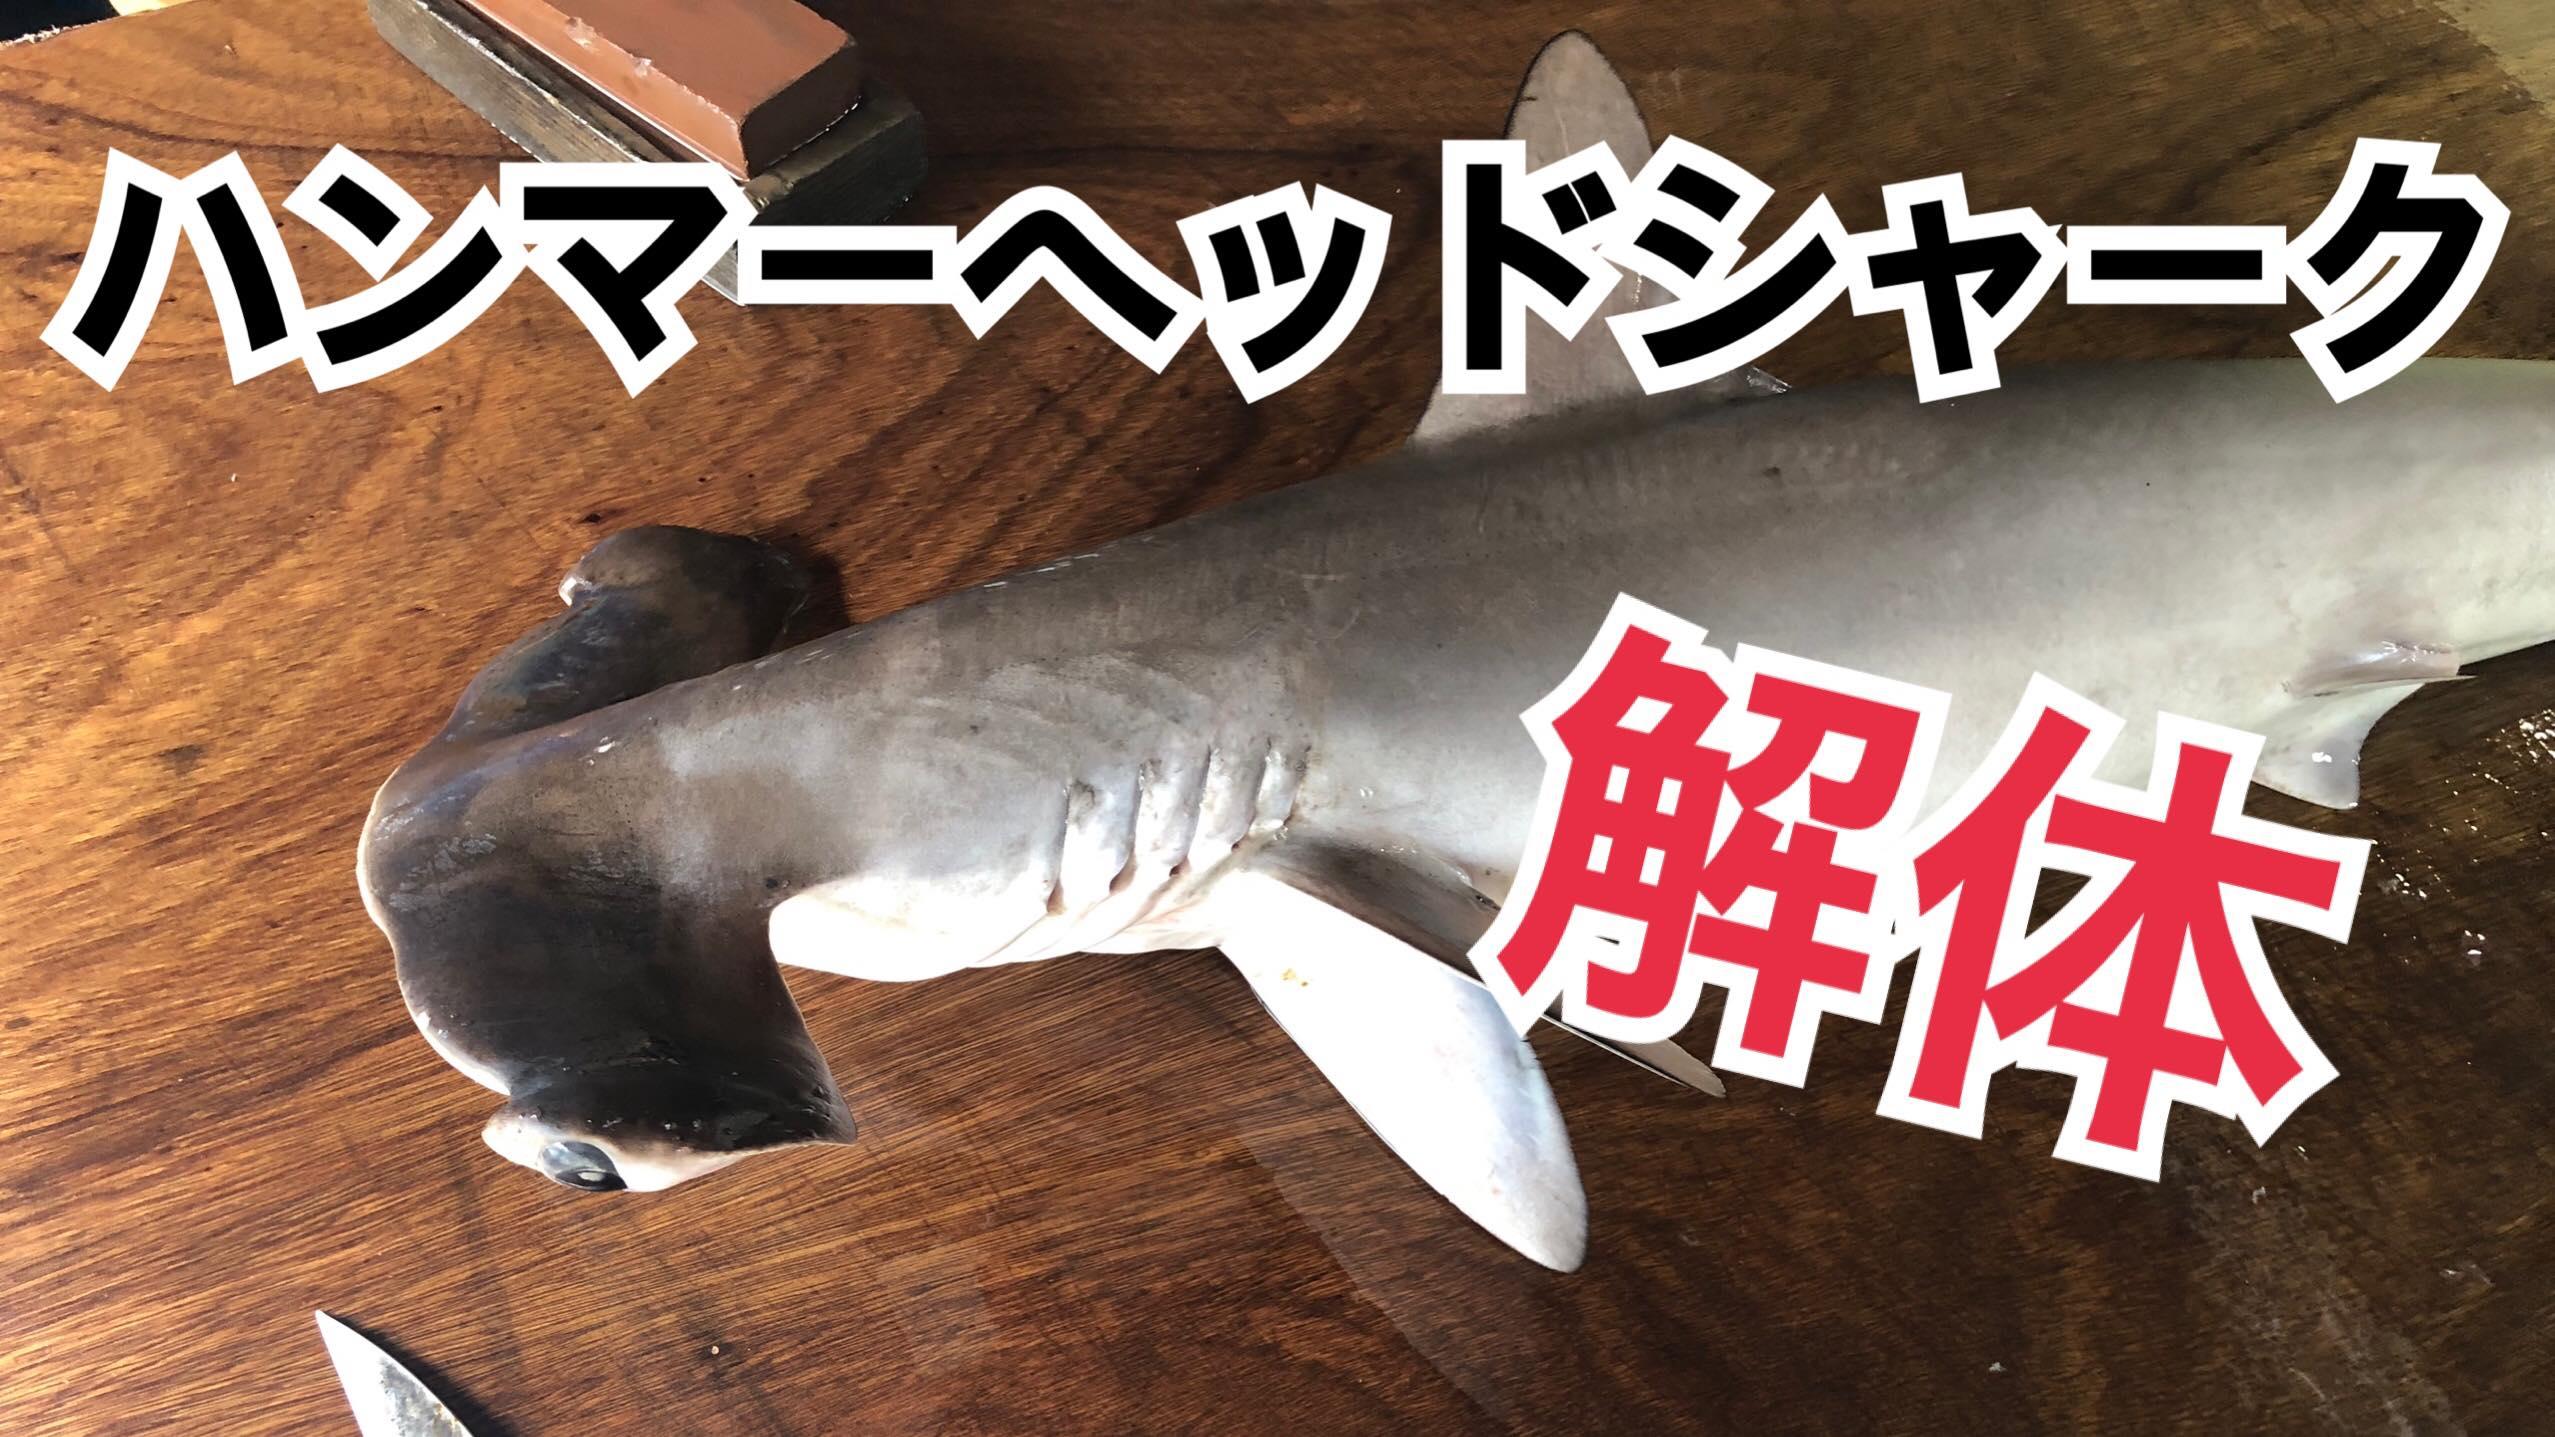 重大屋鯨肉専門ハンマーヘッドシャーク解体